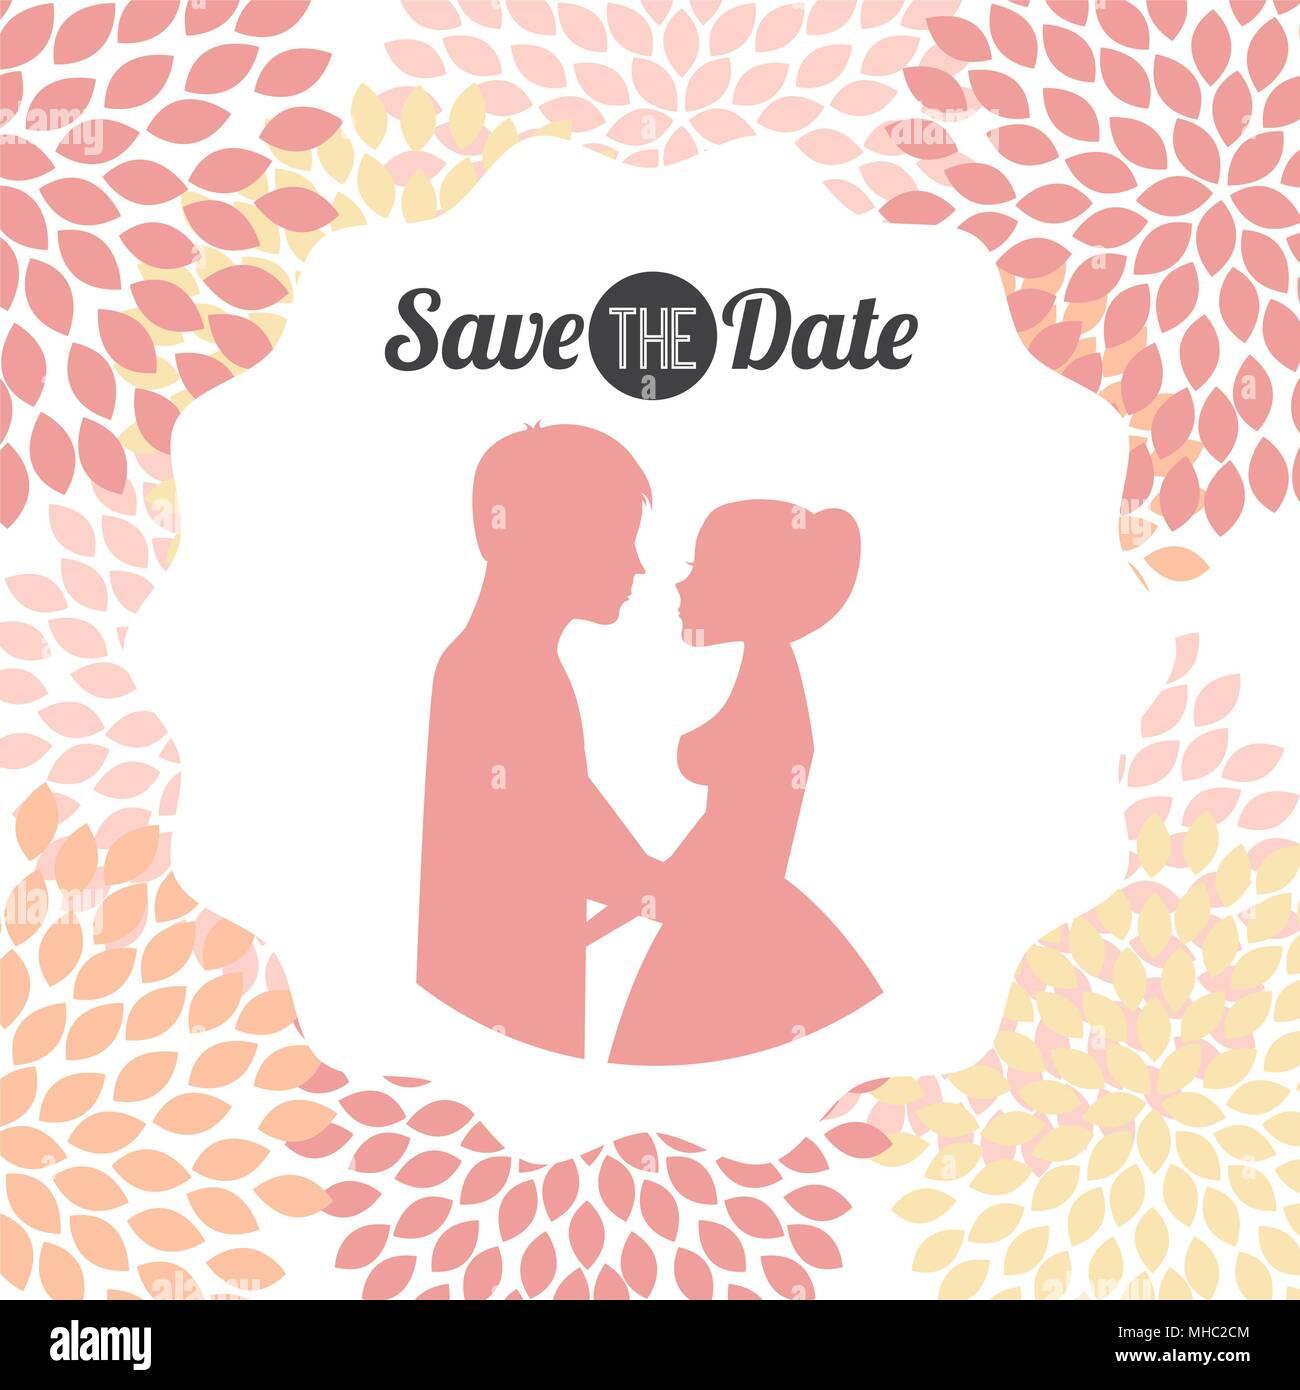 Hochzeit Einladung Design, Vektor Eps Abbildung 10 Grafik